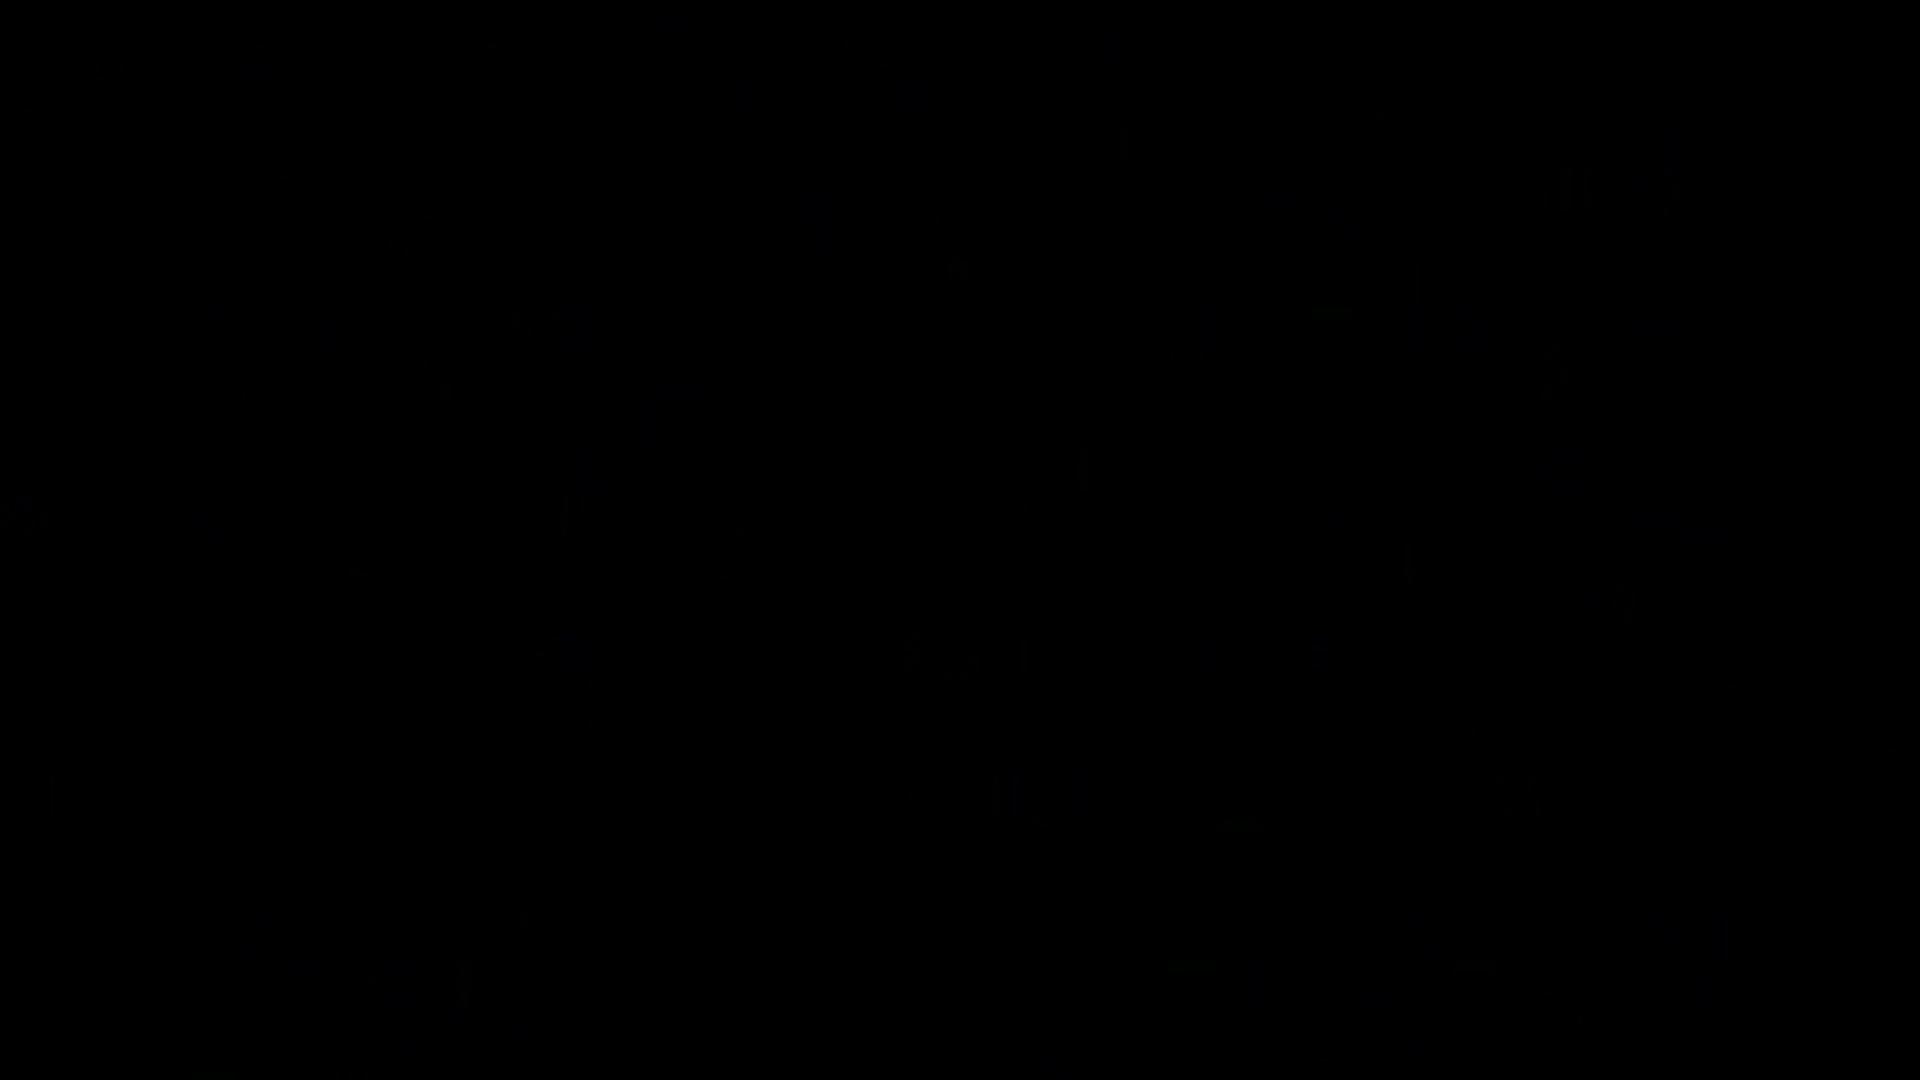 ゲイが選んだ厳選動画 Vol.09 後編 セックス特集 | ローション使って〜  99枚 27